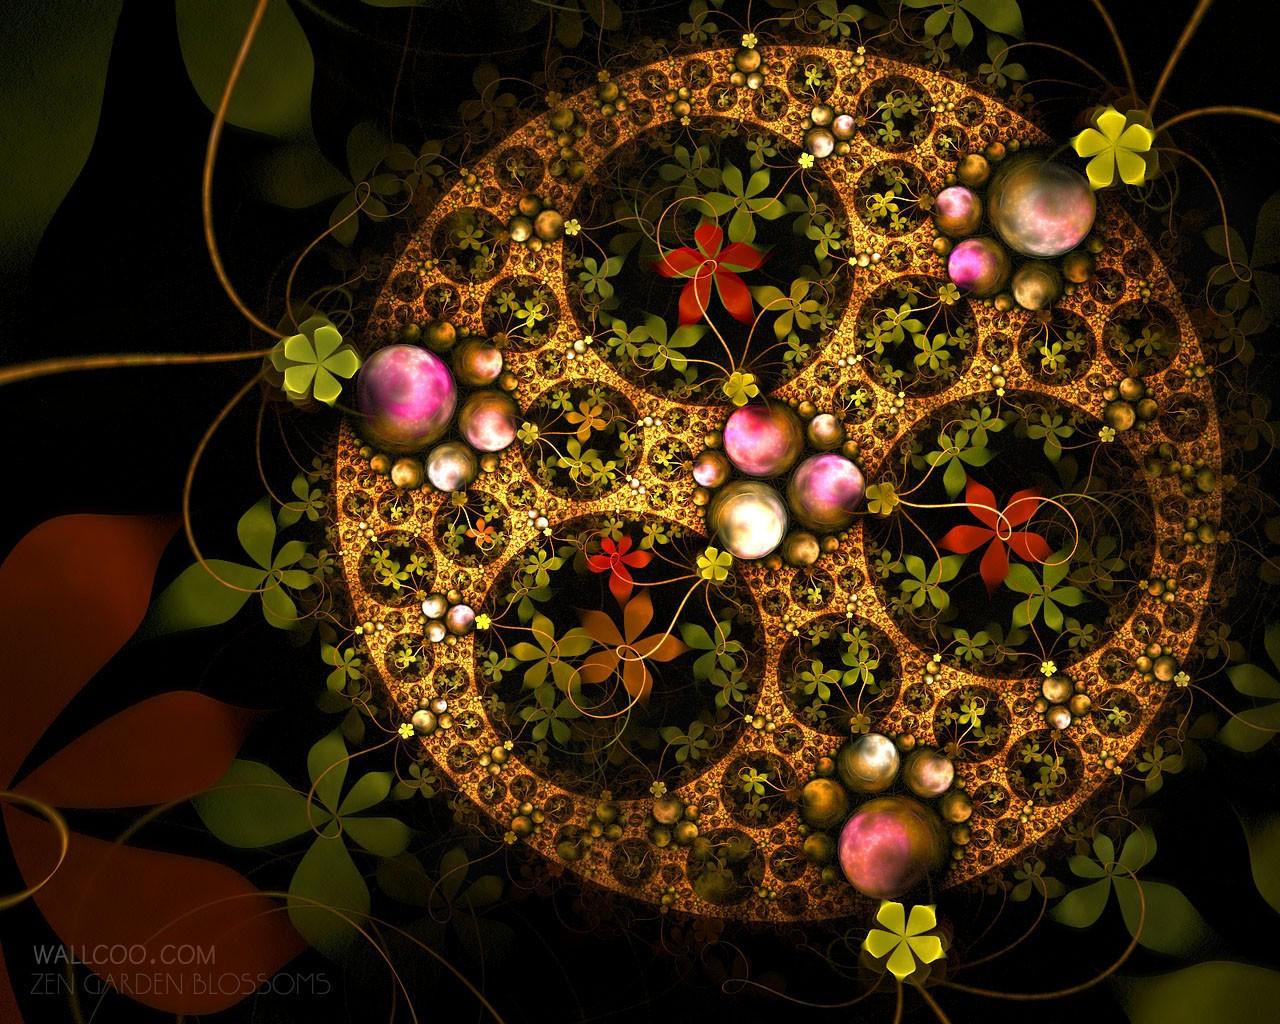 http://1.bp.blogspot.com/_-5aLh3AT108/TG6NxYMLYvI/AAAAAAAAAXQ/P6mbmJAXRoM/s1600/2008528163339161.jpg